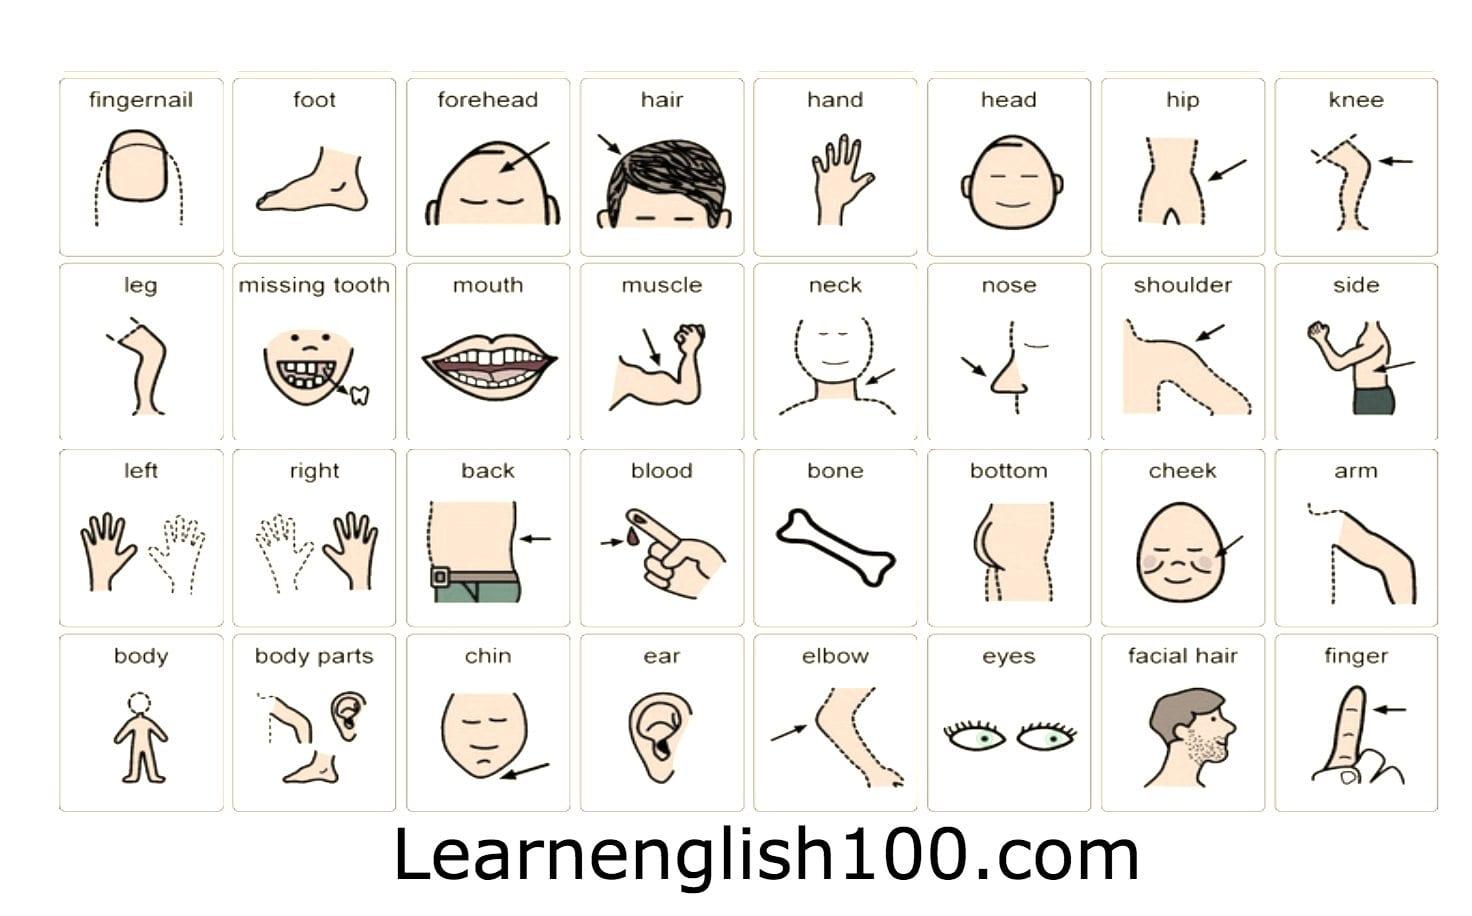 اعضاء الجسم باللغة الانجليزية